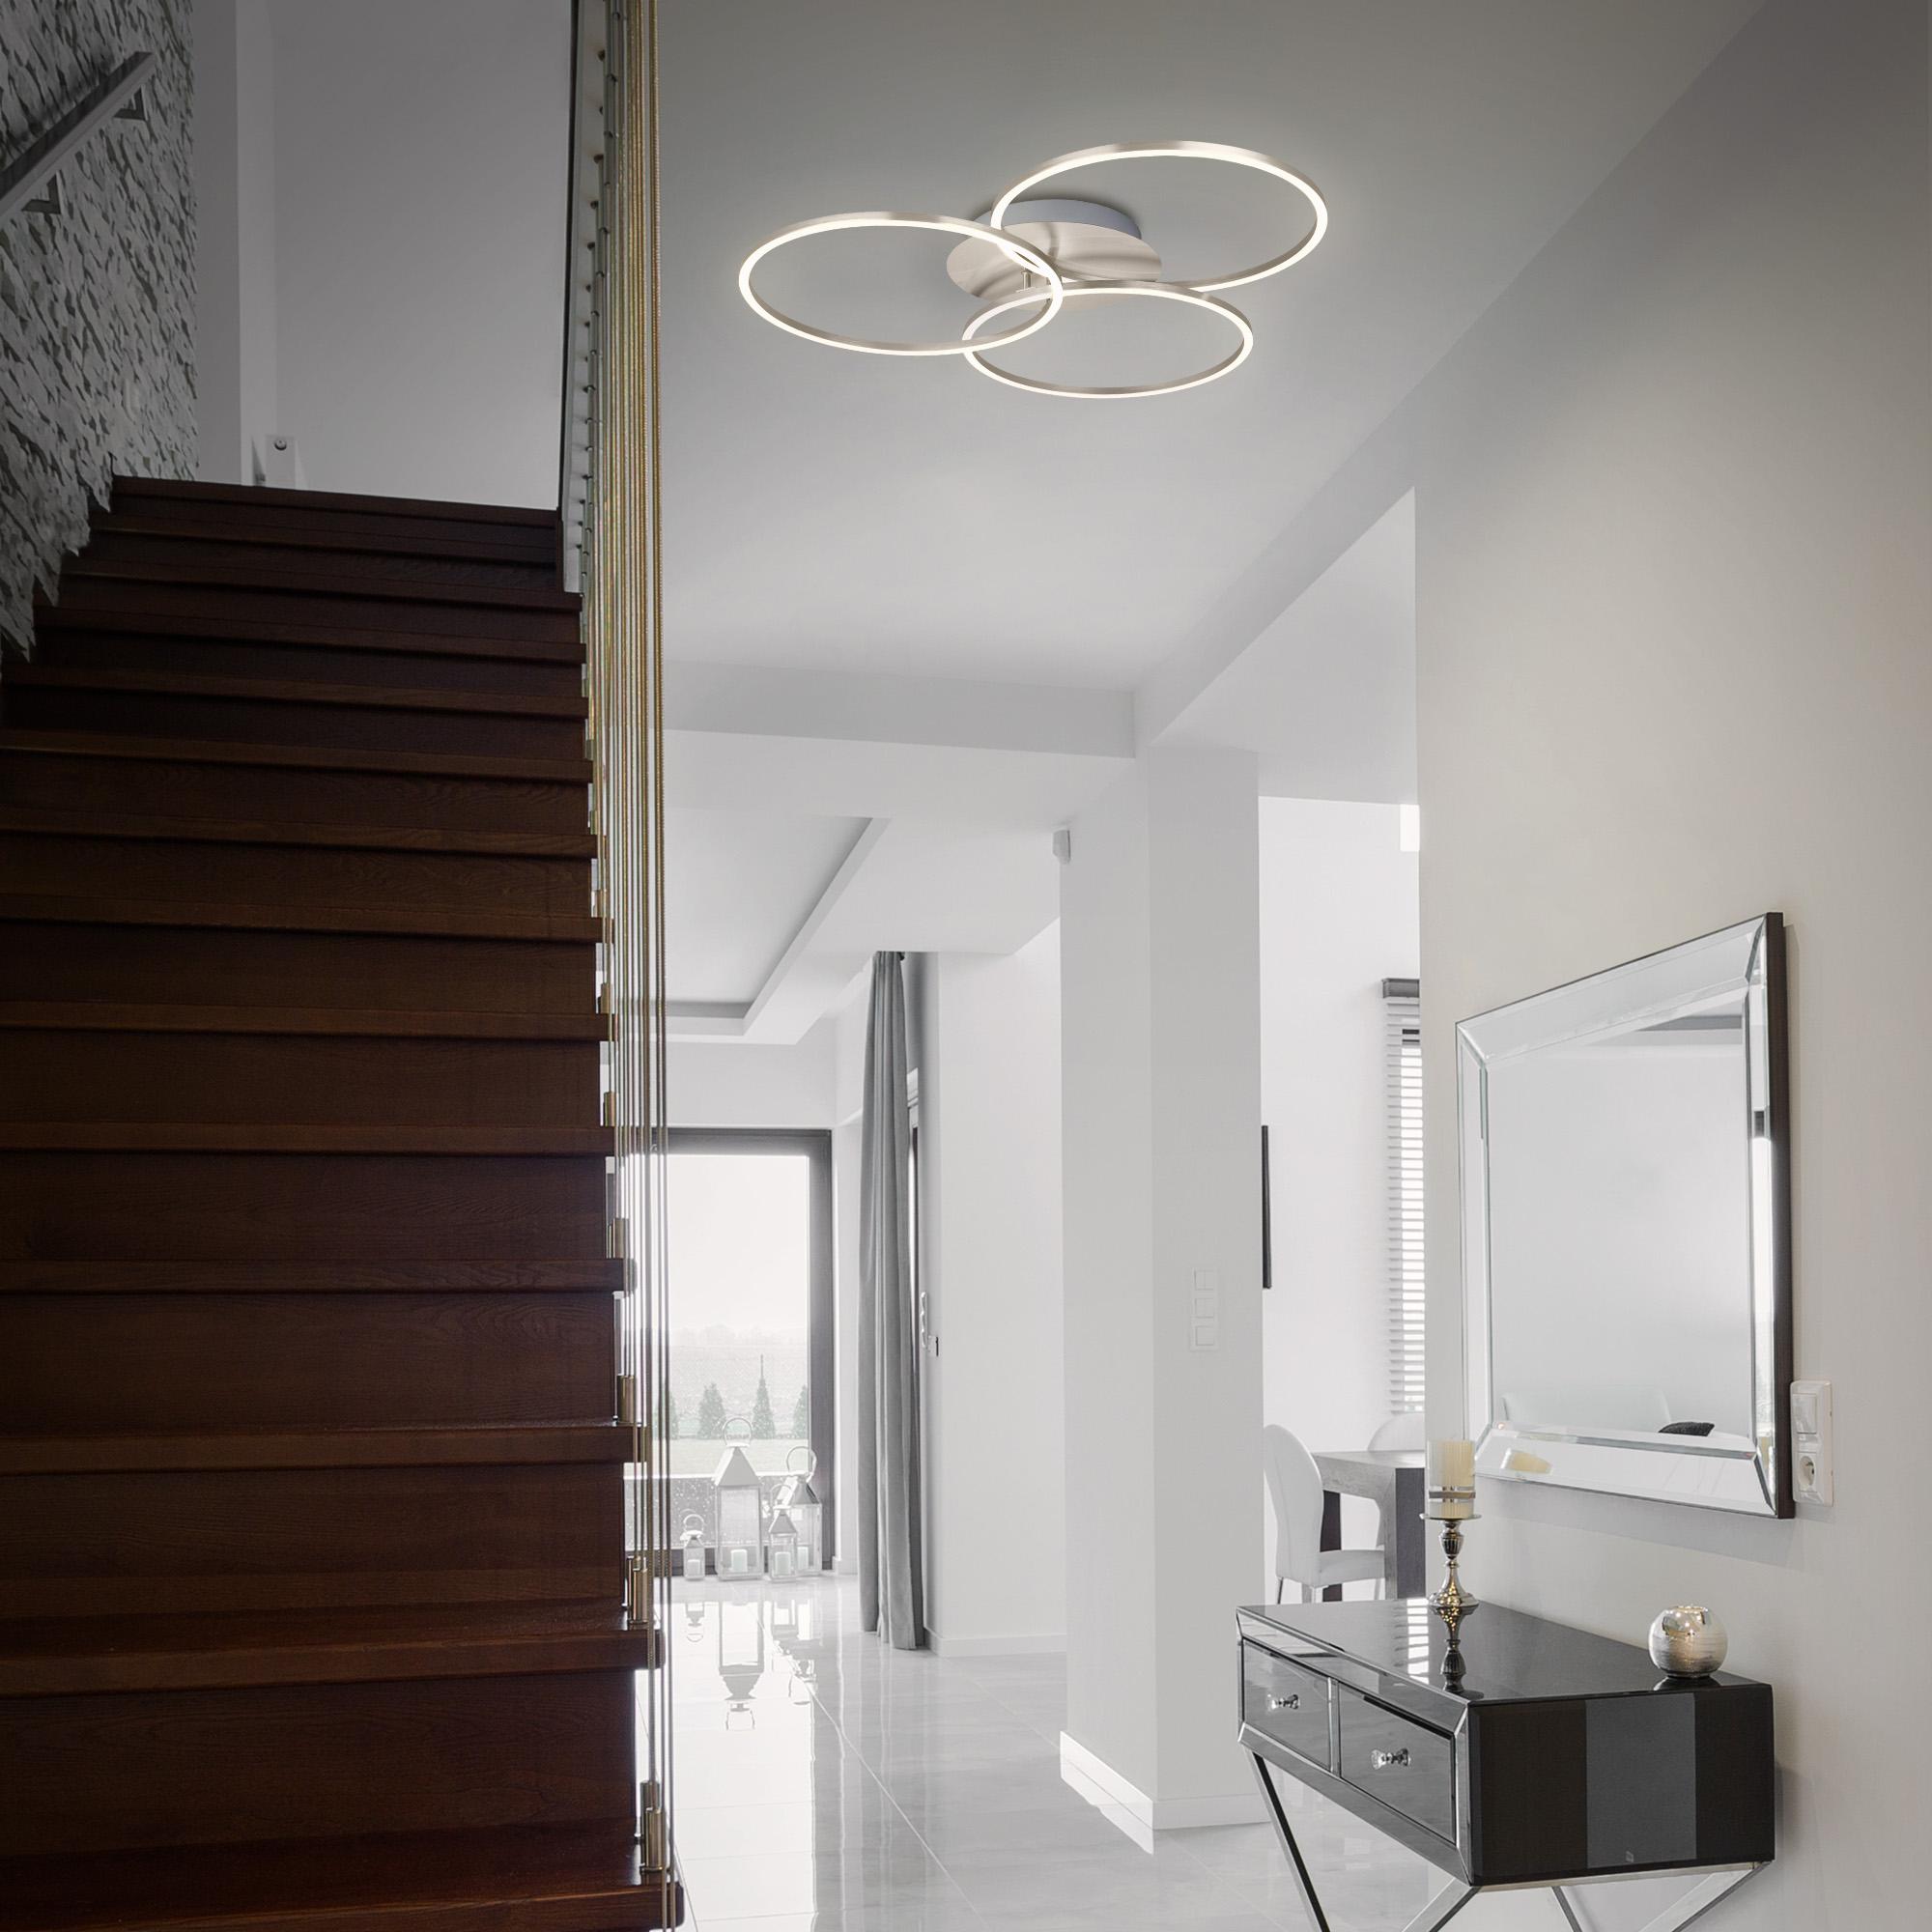 LED Deckenleuchte, 71,7 cm, 40 W, Matt-Nickel